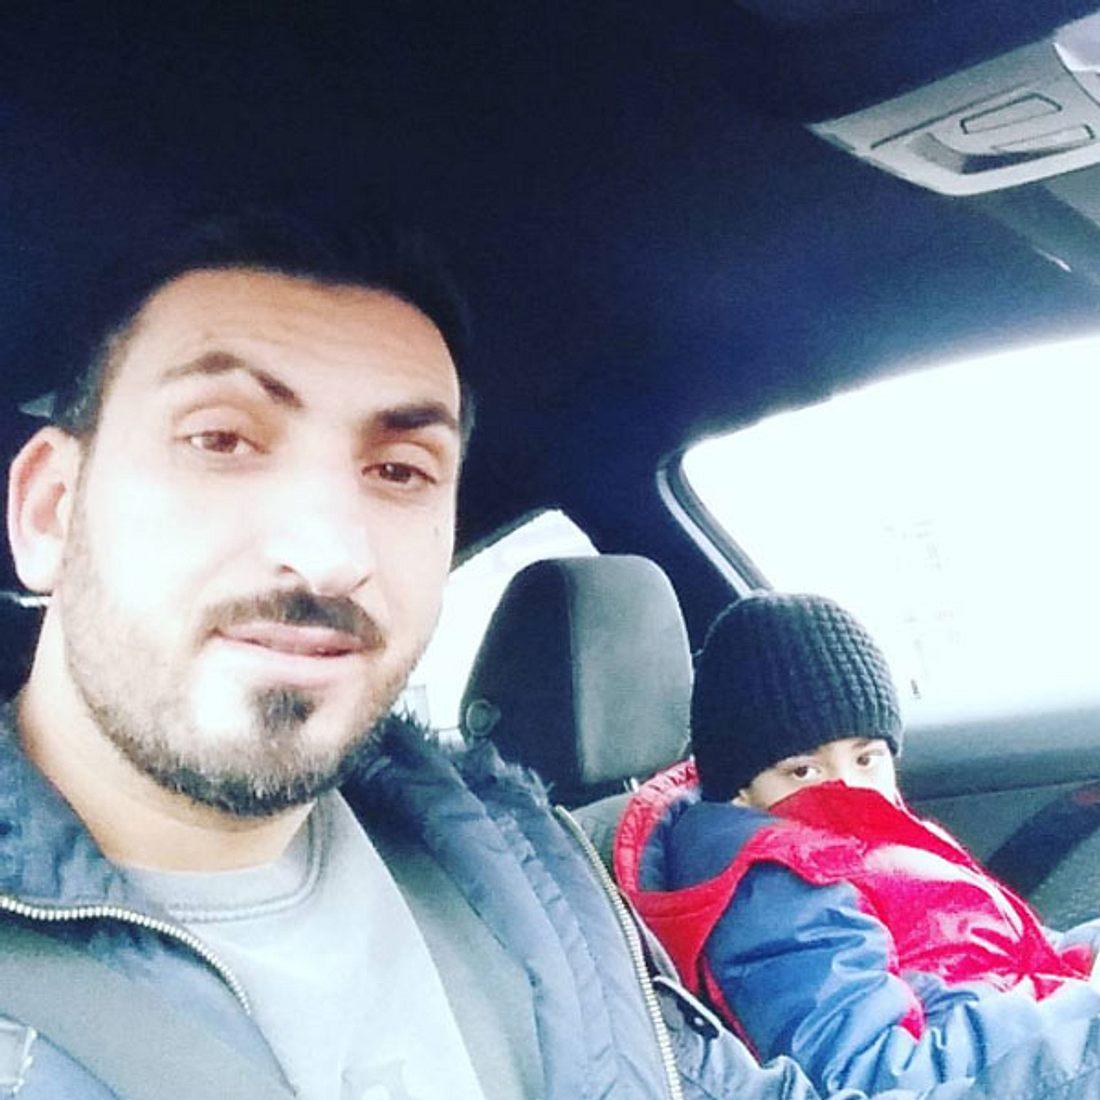 GZSZ Mustafa Alin Sohn